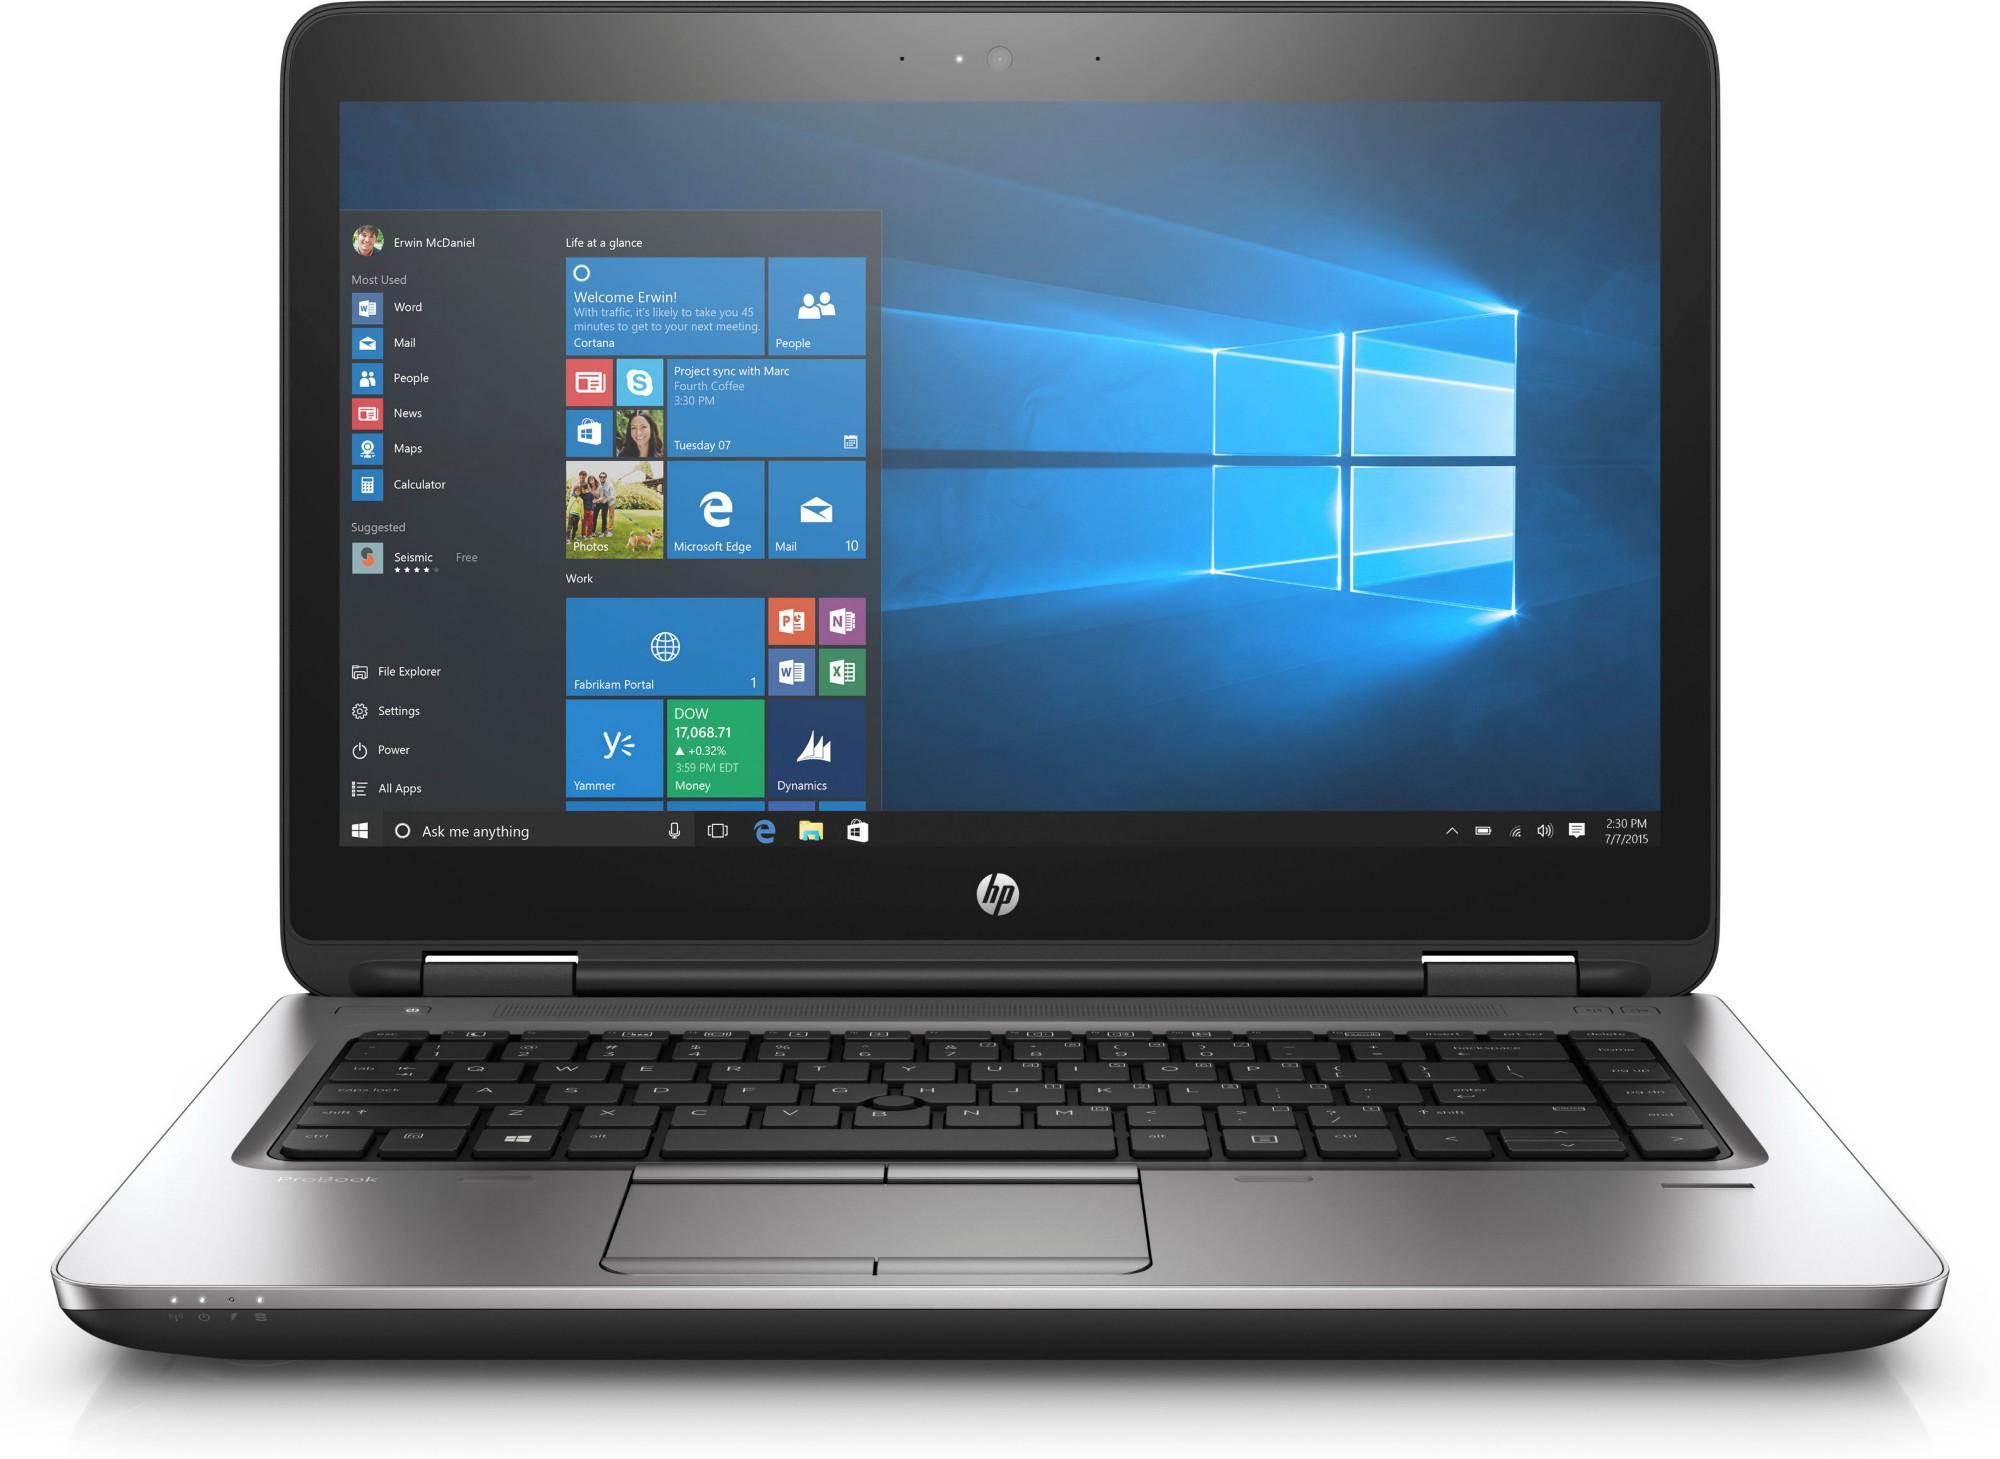 HP ProBook 640 G3 Notebook PC